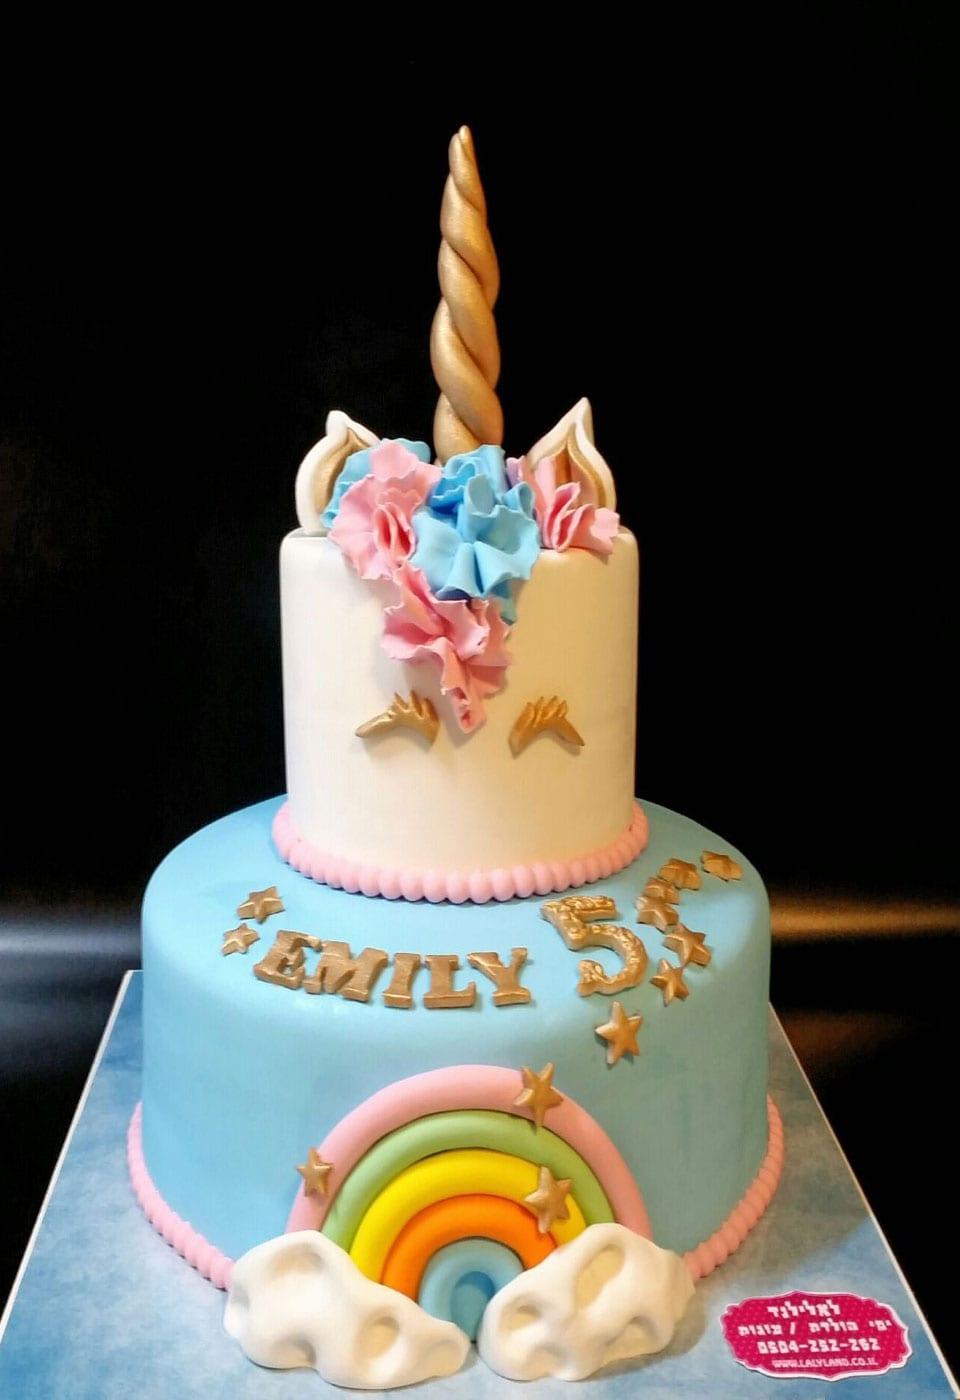 עוגת יום הולדת אמילי